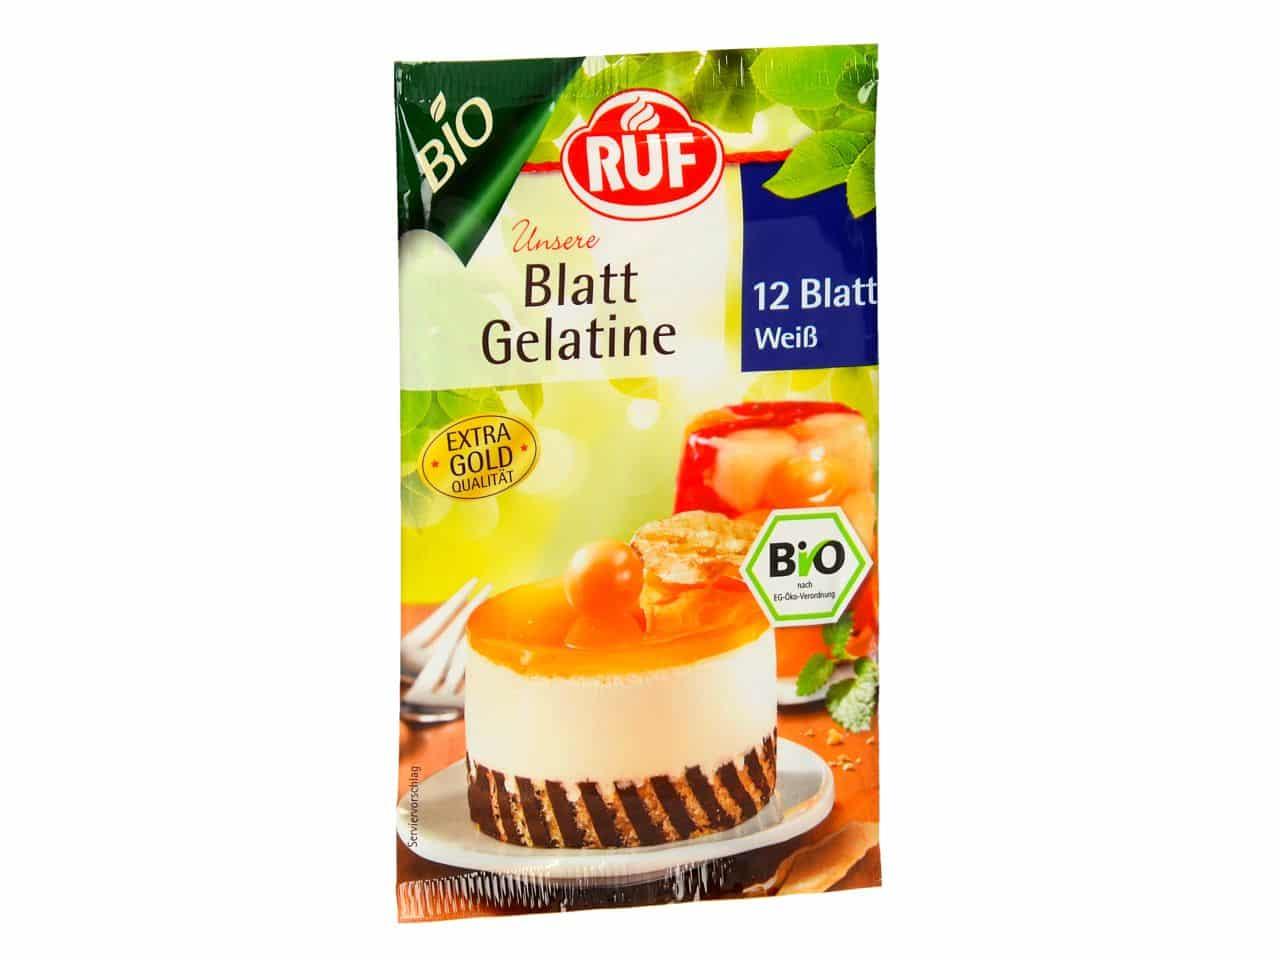 RUF Bio Blatt Gelatine Weiß 20 g